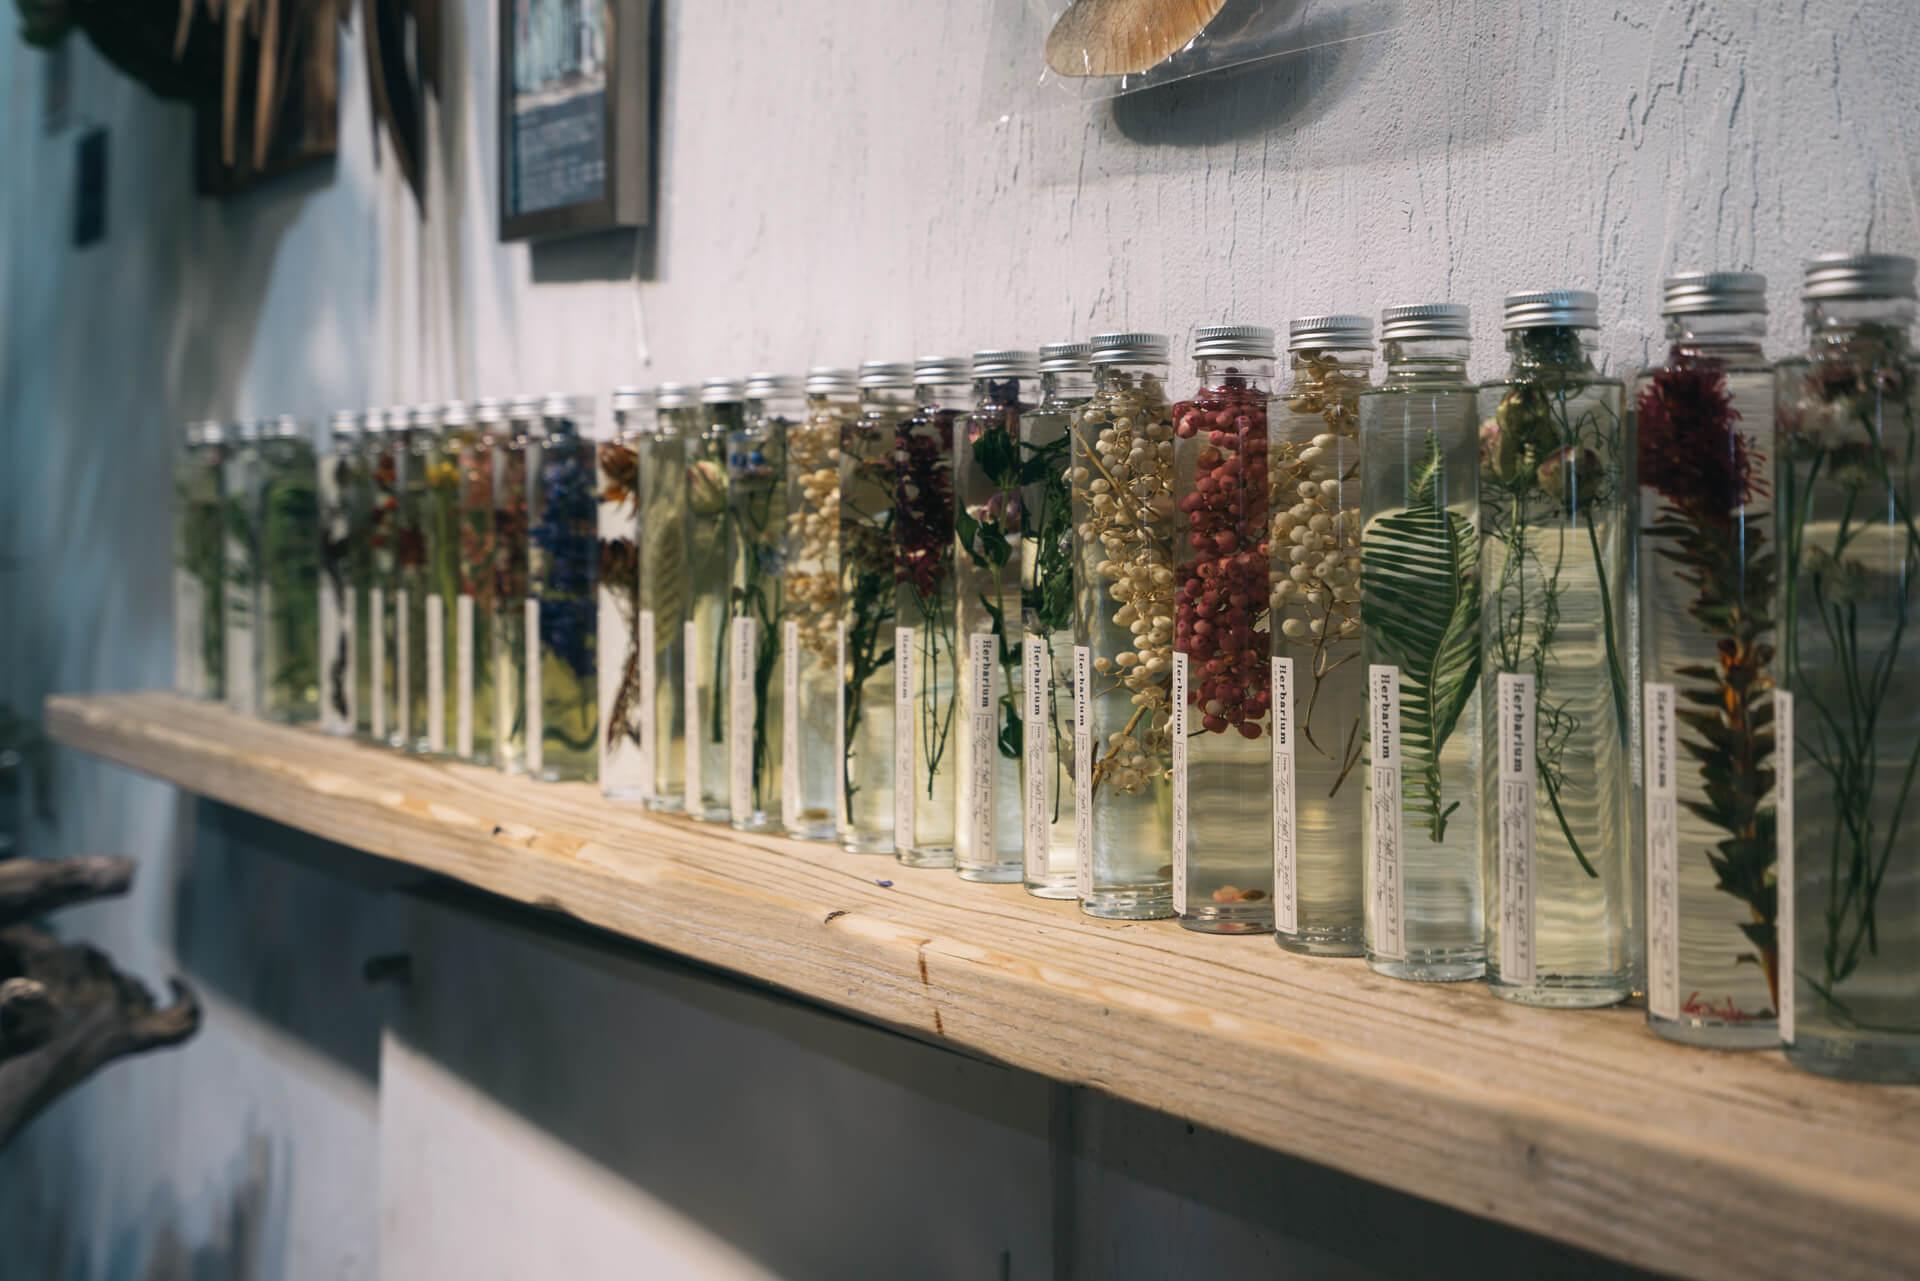 お店にひっきりなしに訪れるお客さんが、皆買い求めていくのは、こちらの「Herbanium」シリーズ。試行錯誤をして完成にたどり着いた、LUFFオリジナルの商品です。